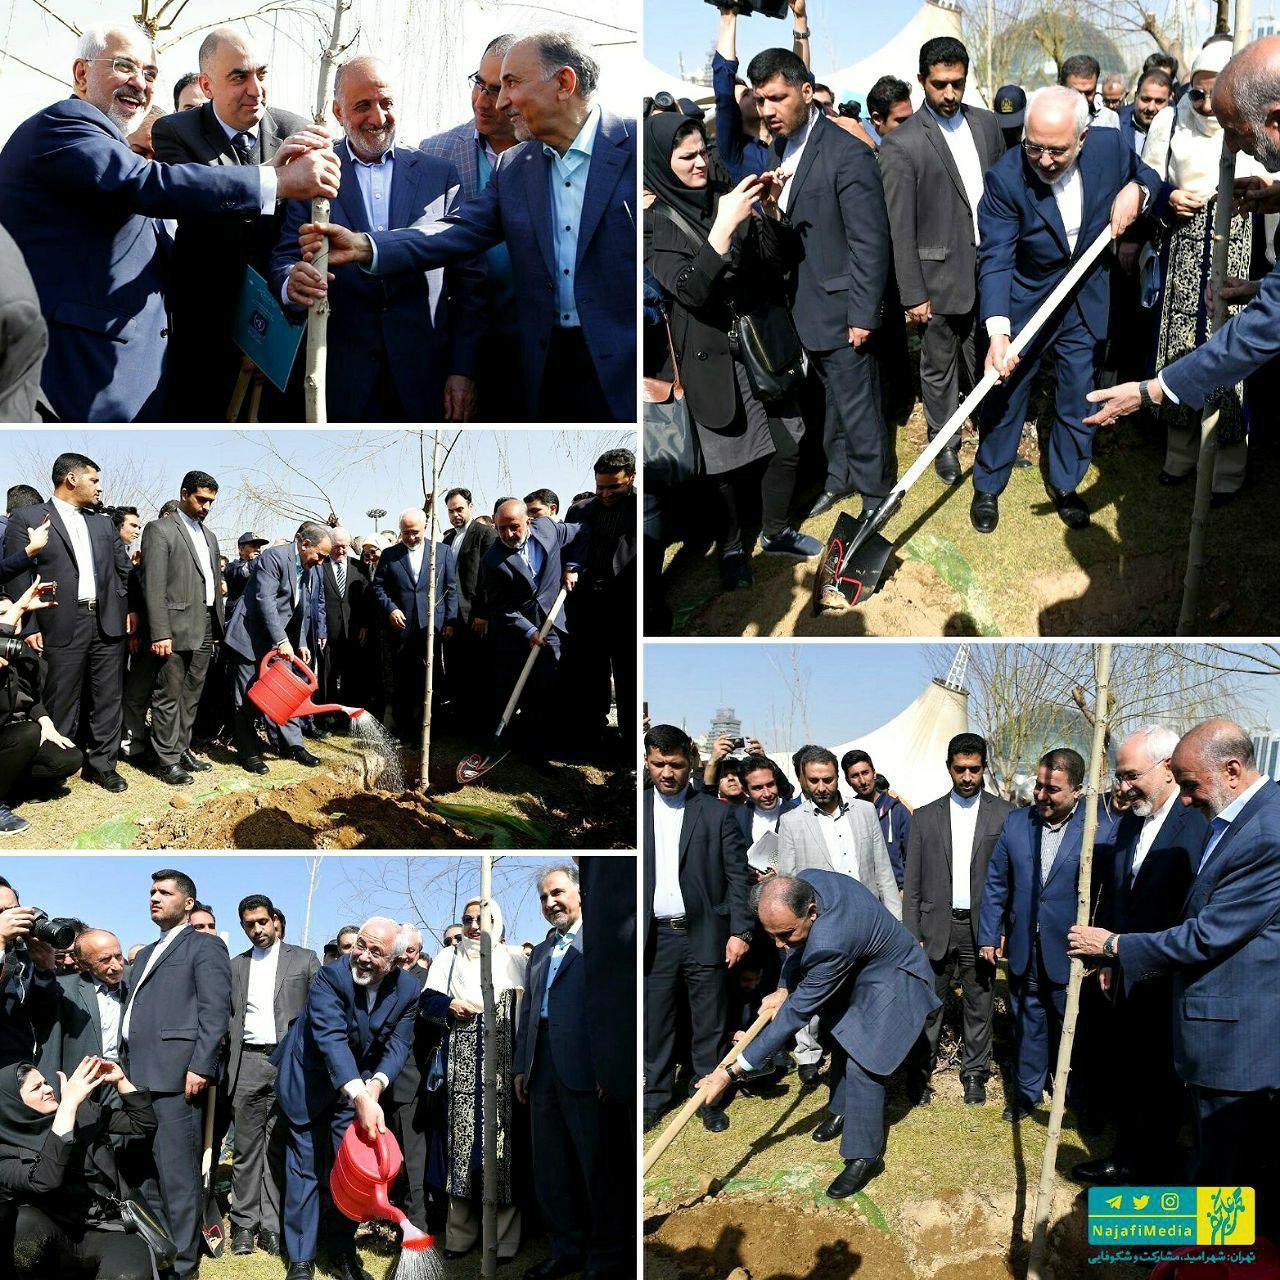 درختکاری ظریف و نجفی در بوستان نوروز/عکس